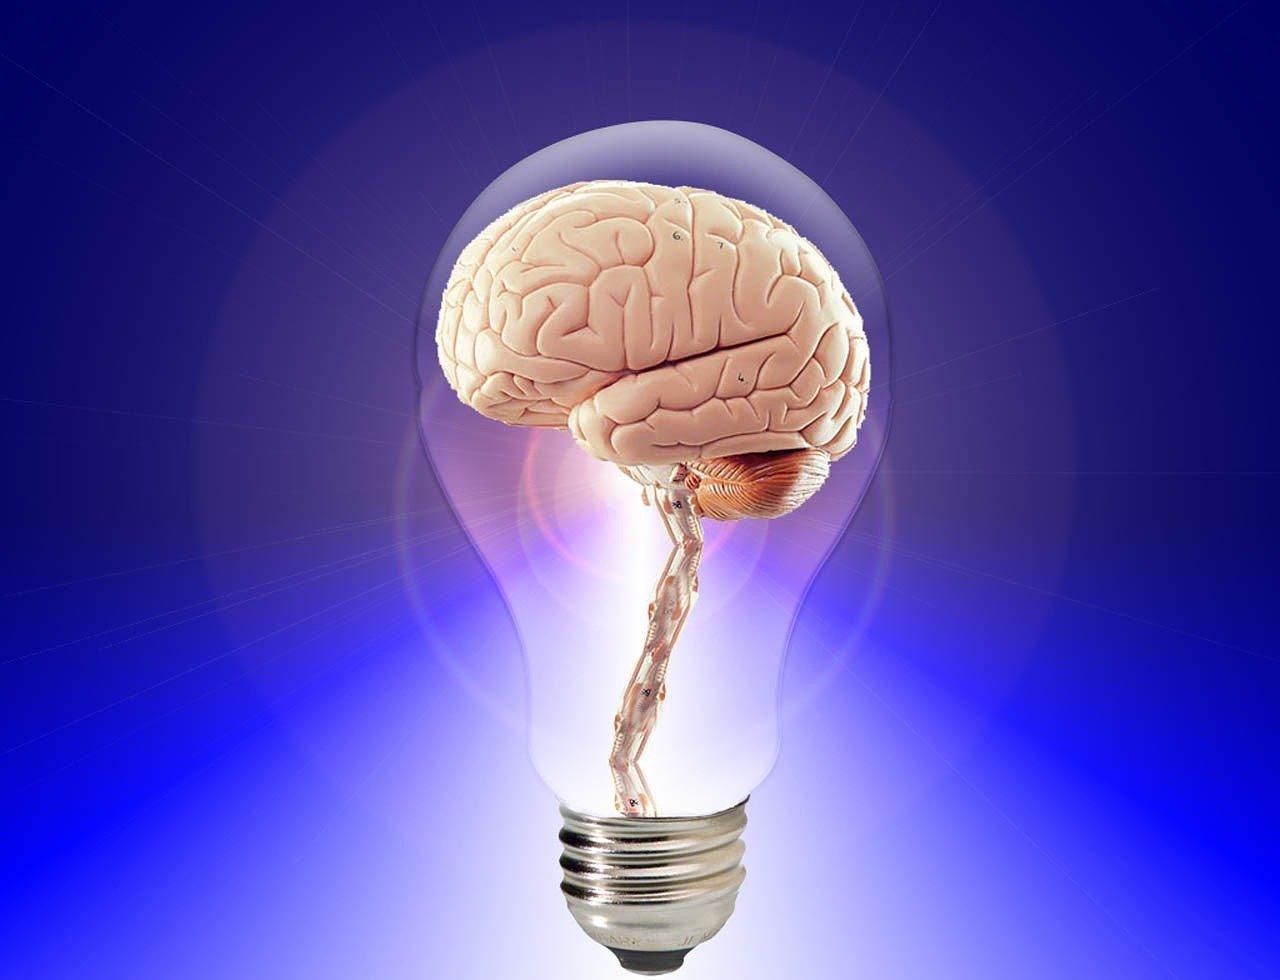 Учени от Лондон откриха нова характерна активност на мозъка, в